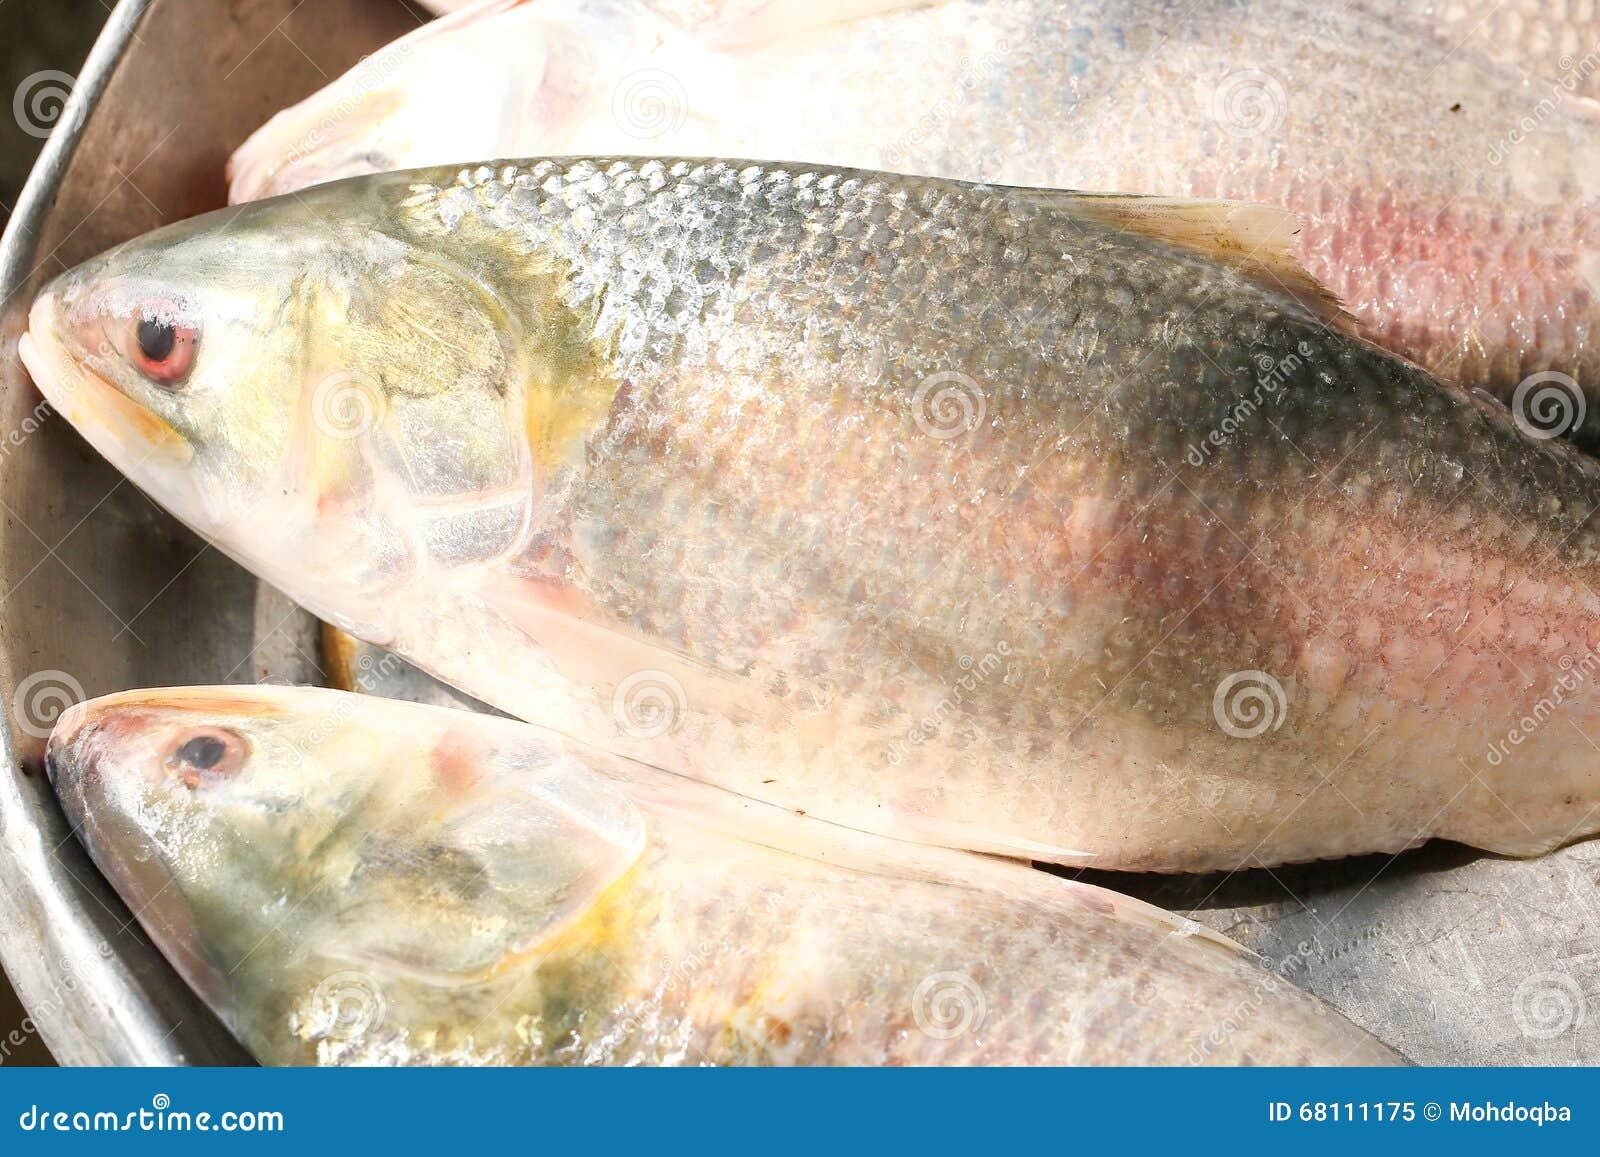 Ilish hilsa fish stock photo image 68111175 for Where to fish